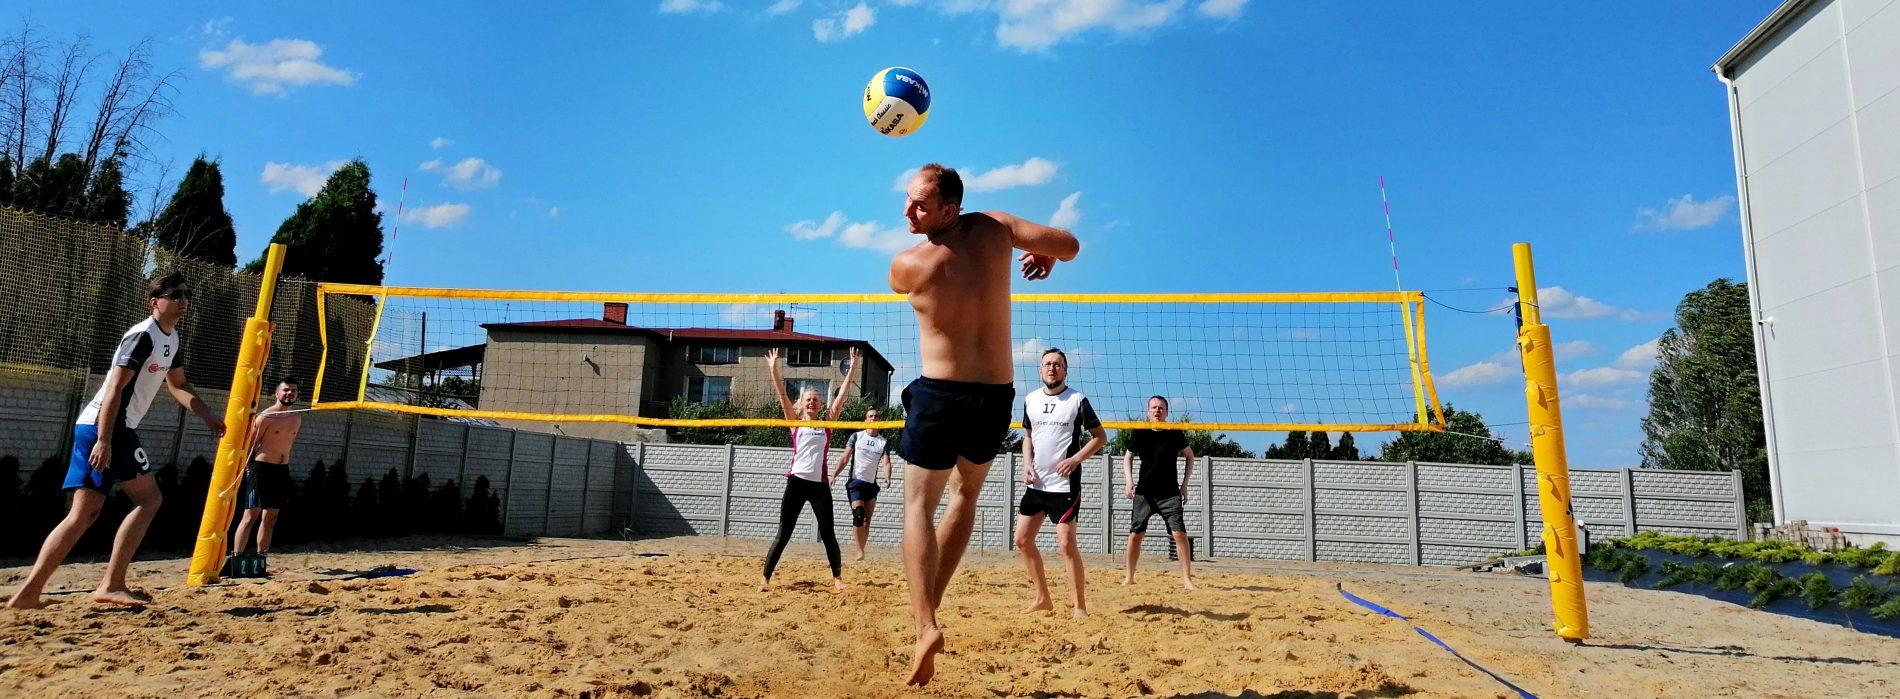 Turniej siatki plażowej